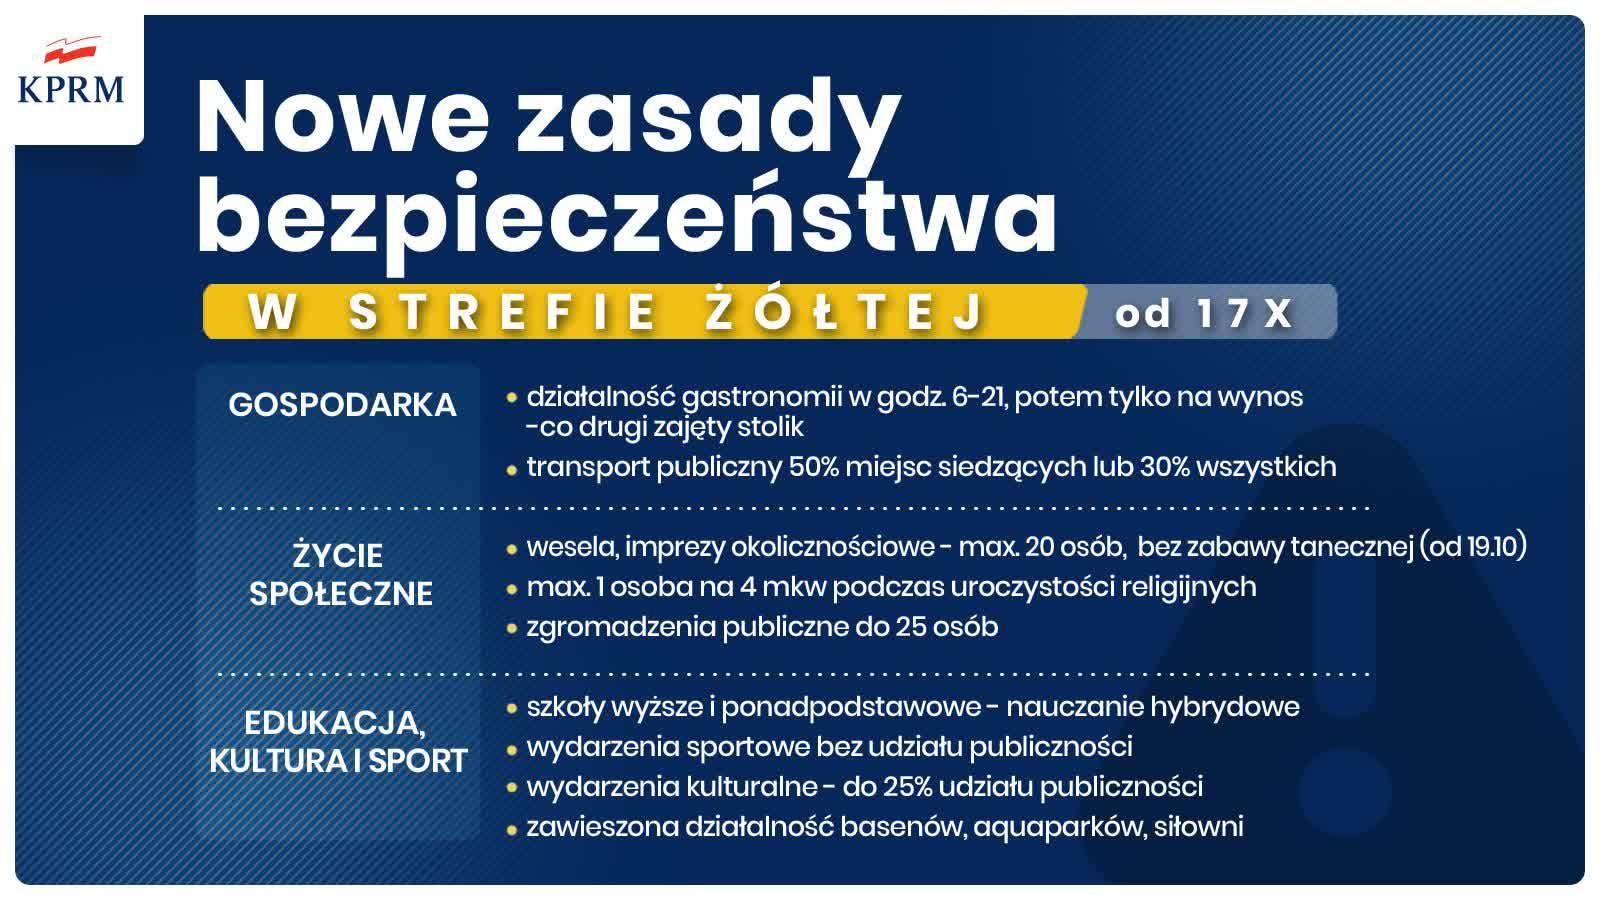 Koronawirus: od soboty nowe zasady i obostrzenia. Znamy szczegóły – Polskie  Radio Lublin